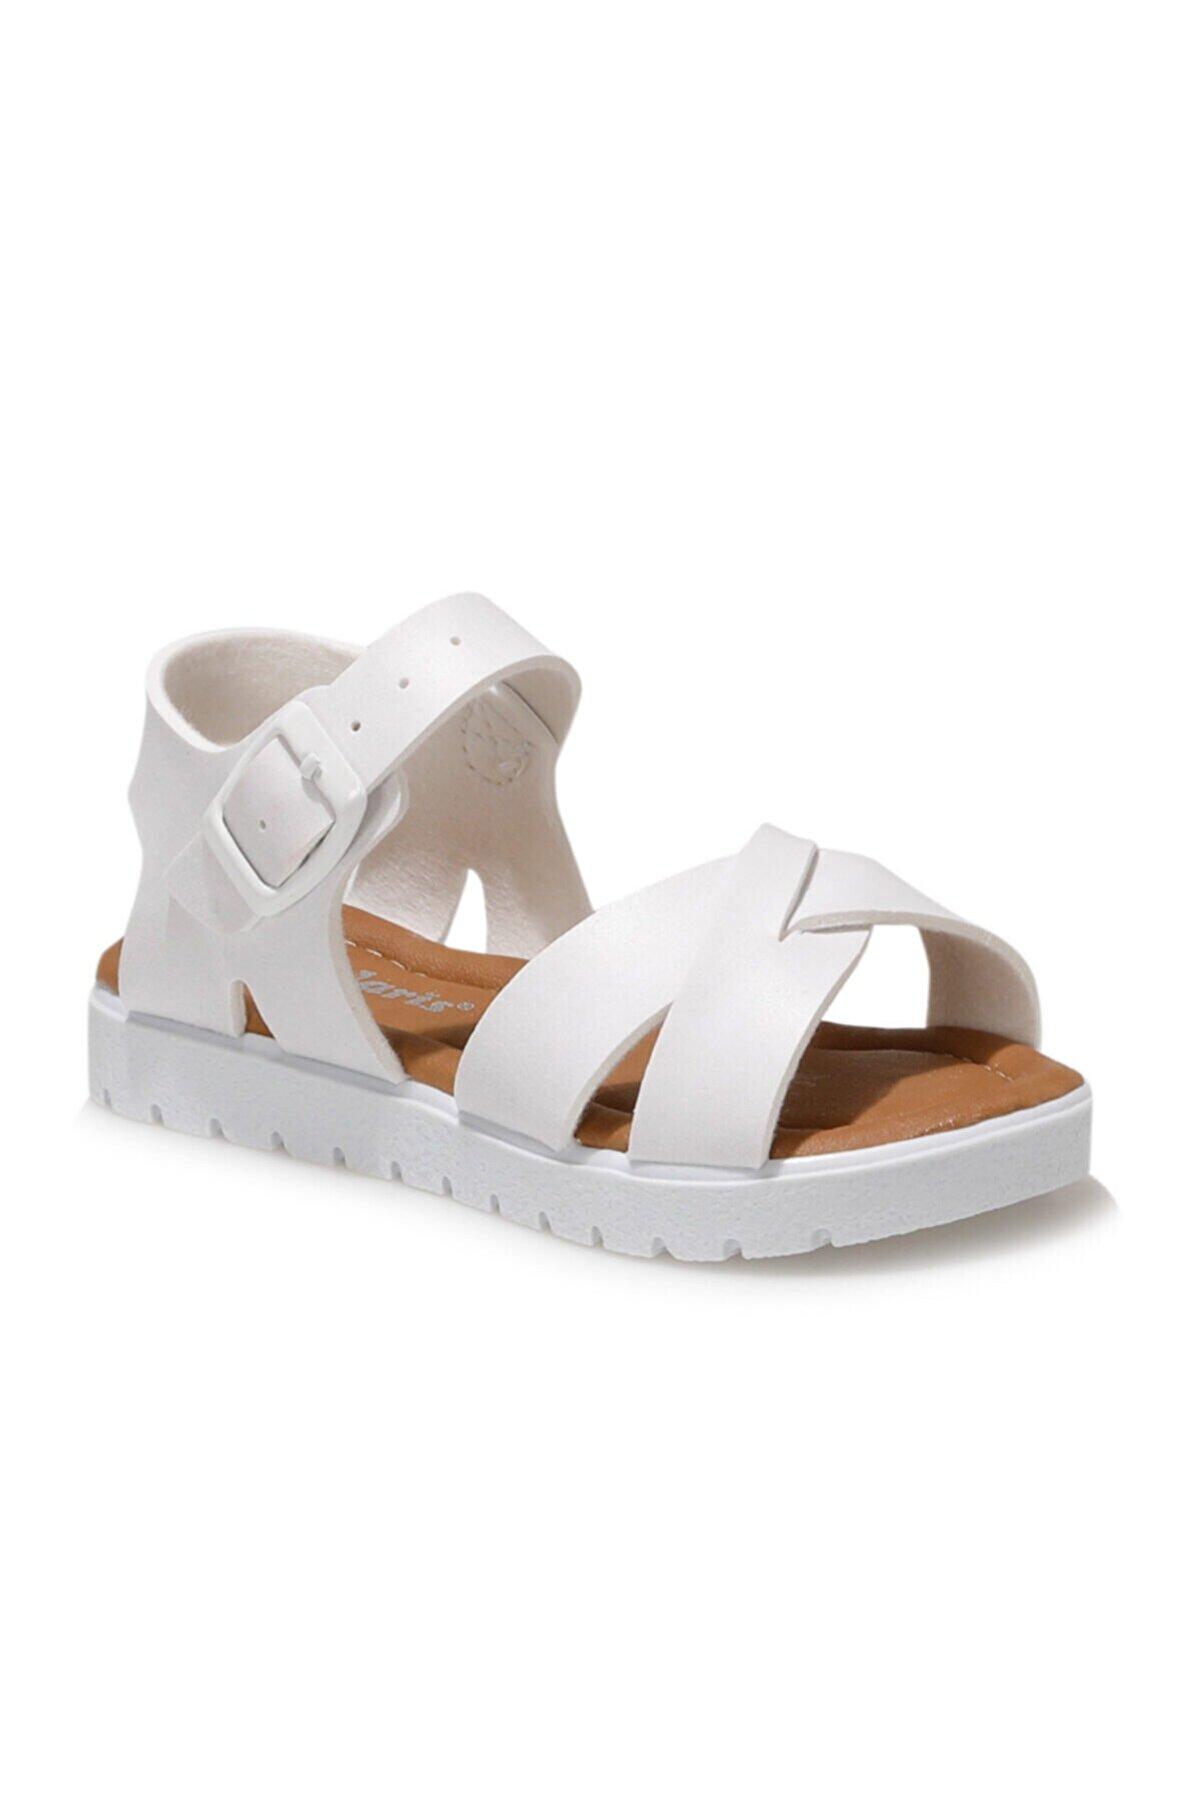 Polaris 508159.B1FX Beyaz Kız Çocuk Sandalet 101010664